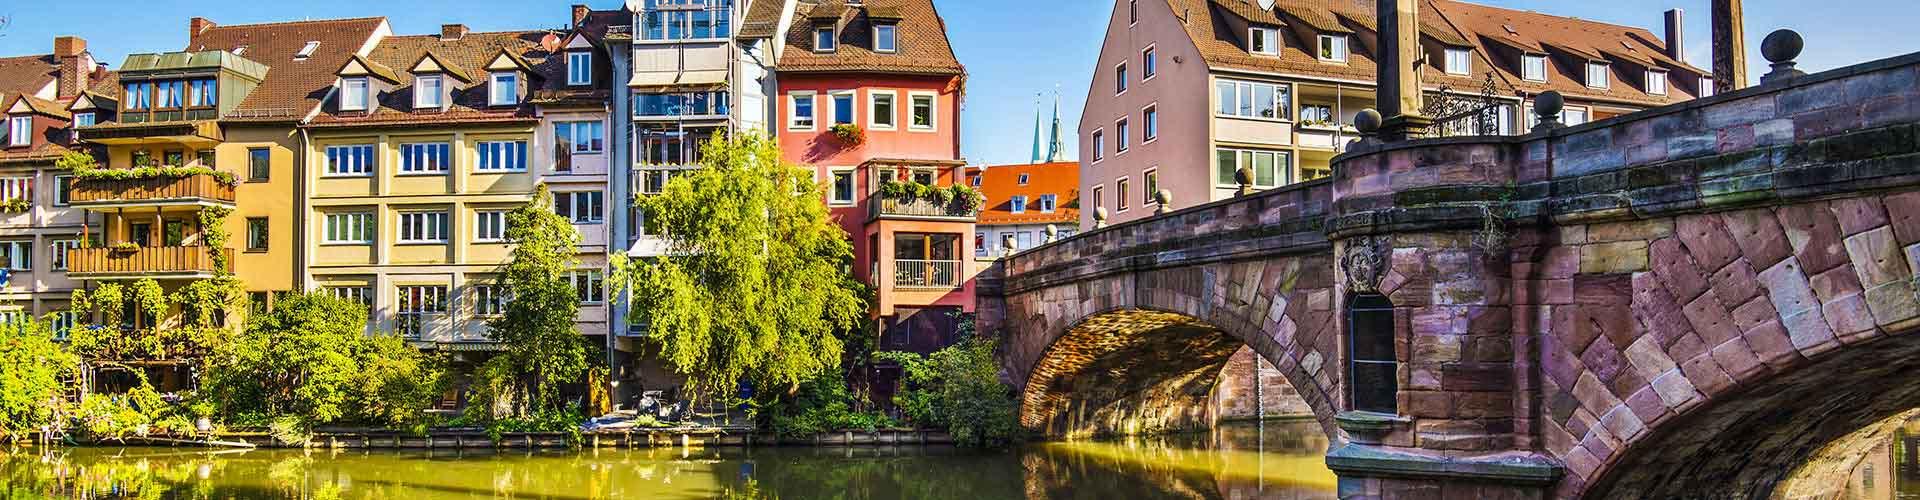 Nuremberg - Auberges de jeunesse dans le quartier de Altstadt. Cartes pour Nuremberg, photos et commentaires pour chaque auberge de jeunesse à Nuremberg.